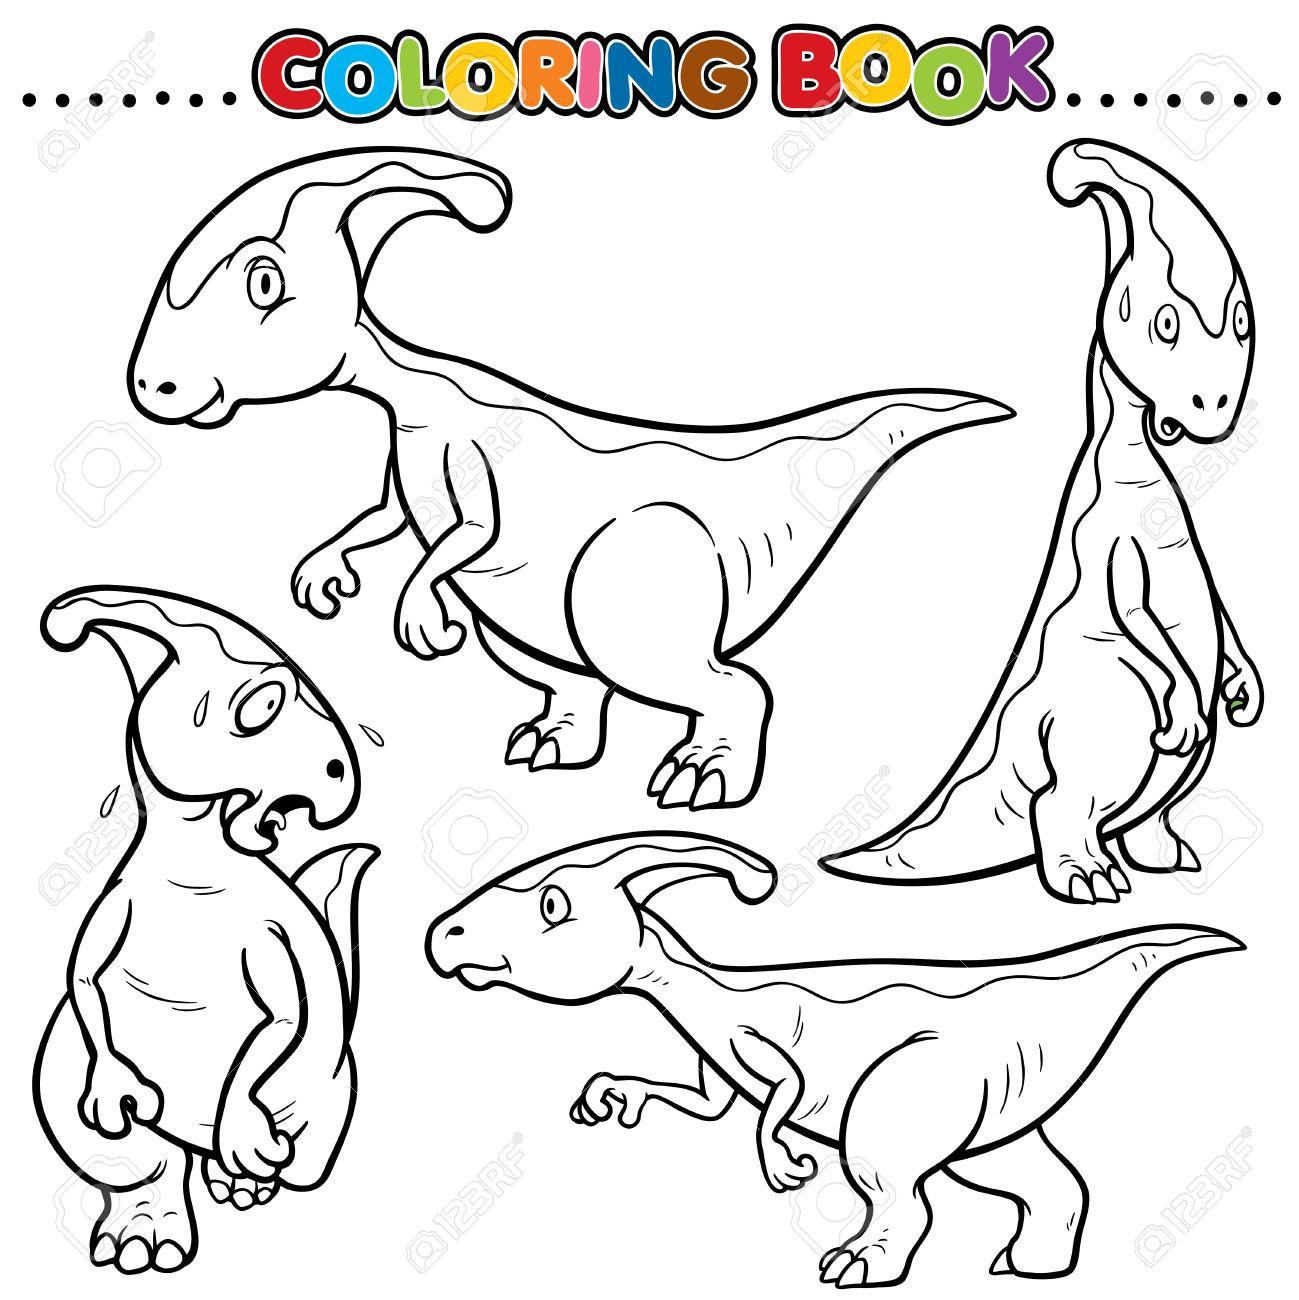 De Dibujos Animados Para Colorear Libro - Carácter Dinosaurios ...